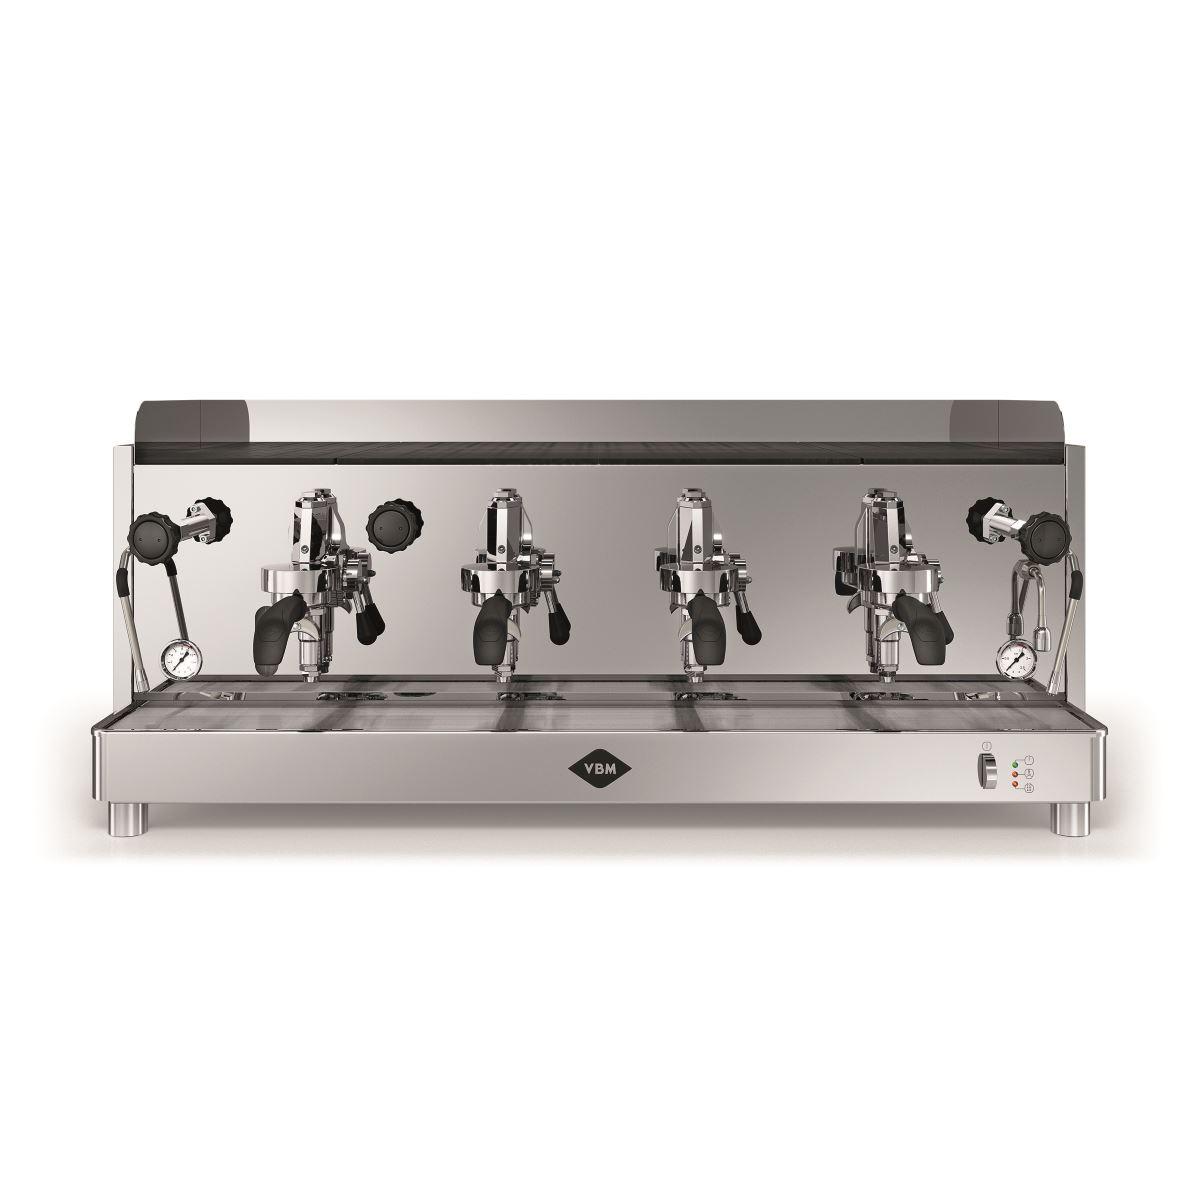 Espressor profesional Vibiemme Replica HX Manuale, 4 grupuri